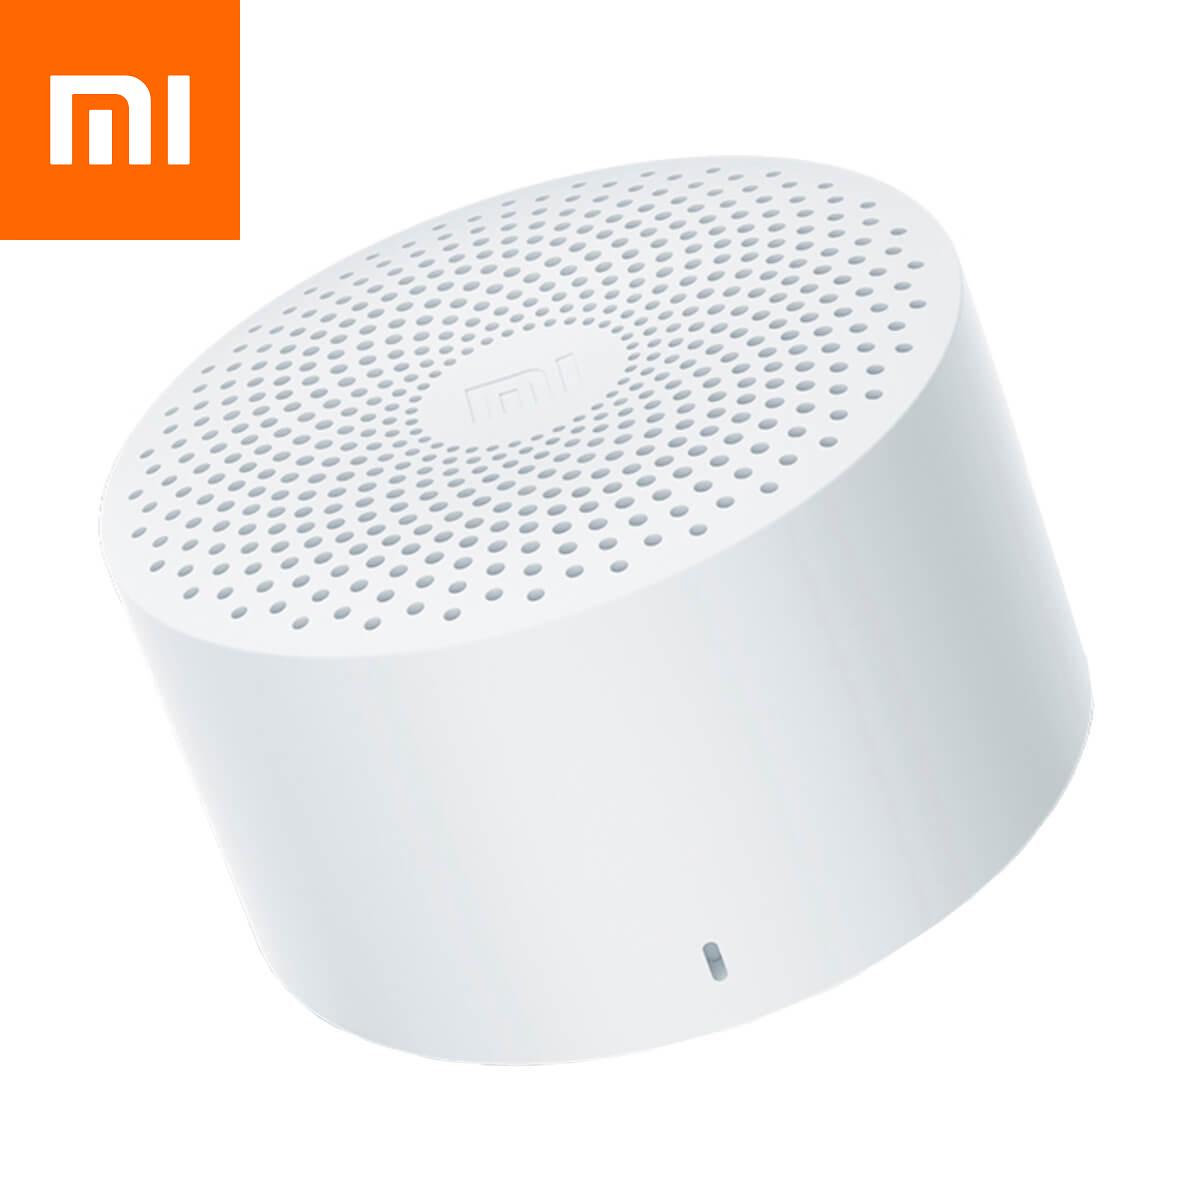 Оригинальная Xiaomi Mi Compact Bluetooth Speaker 2 White MDZ-28-DI (QBH4141EU) Акустическая система